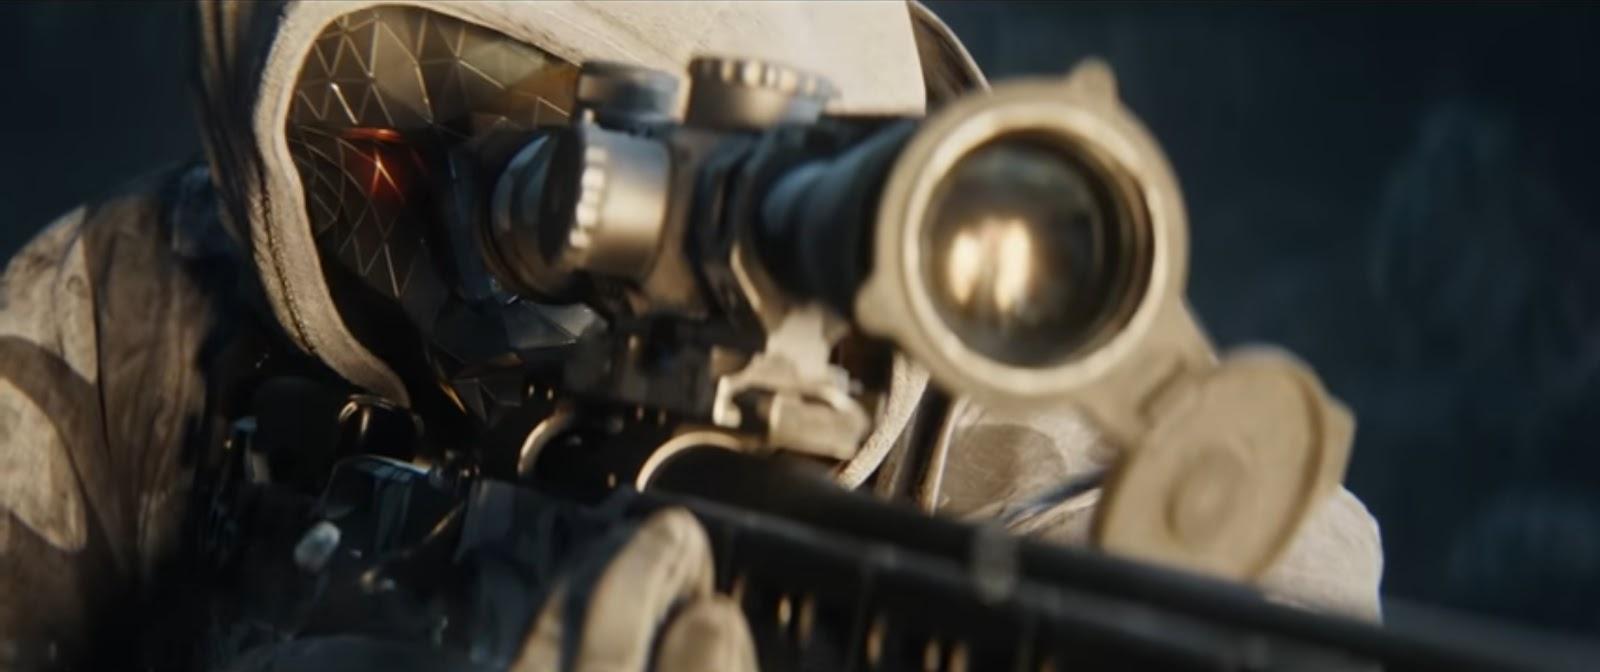 sniper ghost warrior contract review, sniper ghost warrior contract trailer, game terbaru, game news, berita tentang game terbaru,